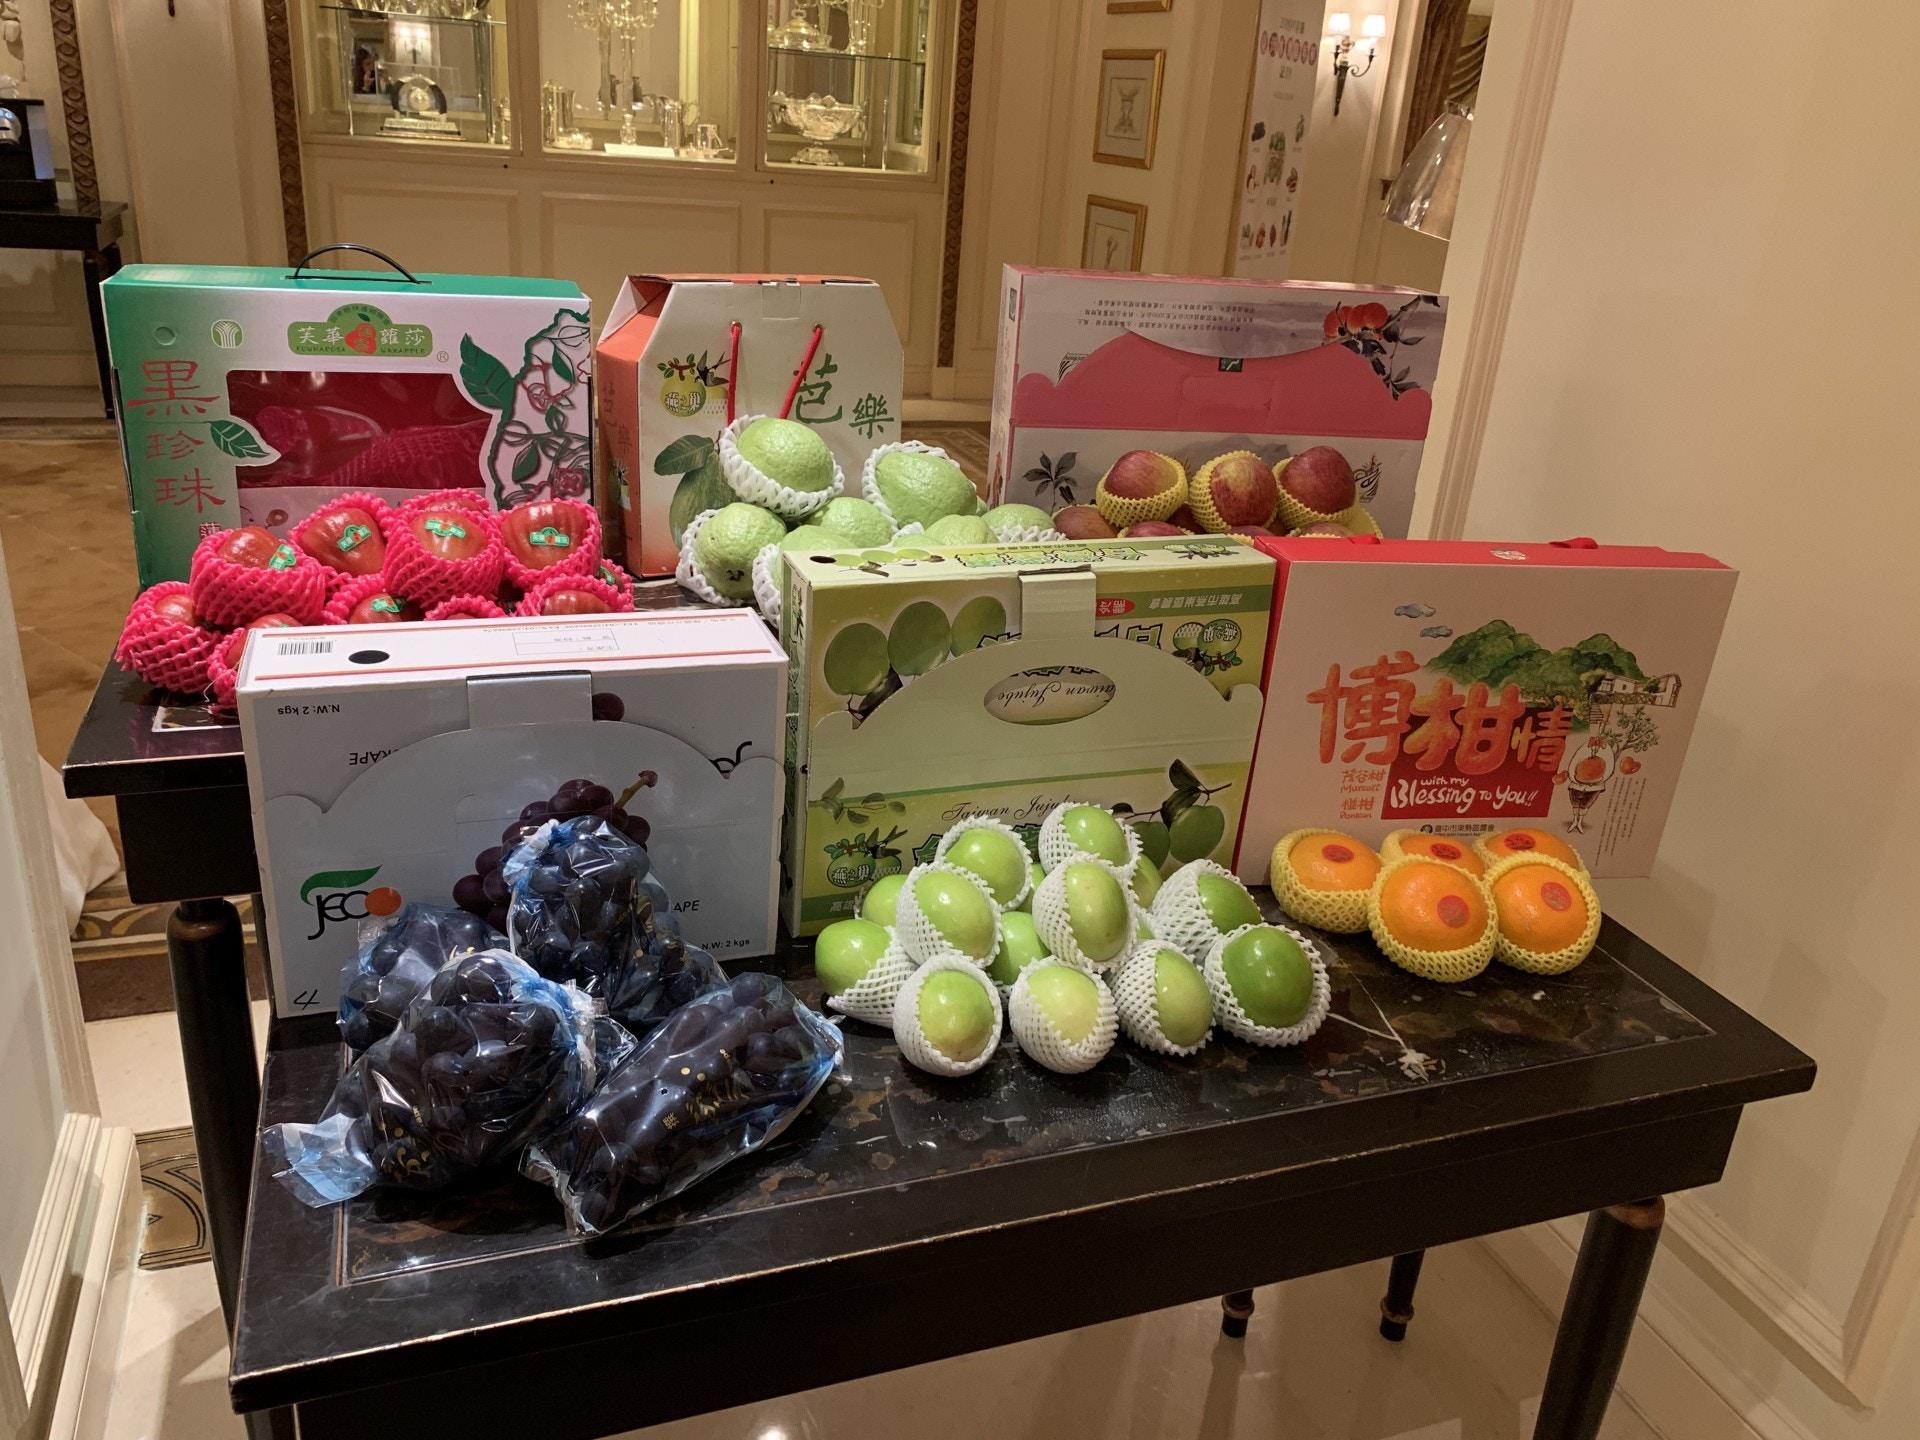 臺灣貿易中心辦水果嘉年華 引入8種當地時令熱門水果 香港01 社會新聞